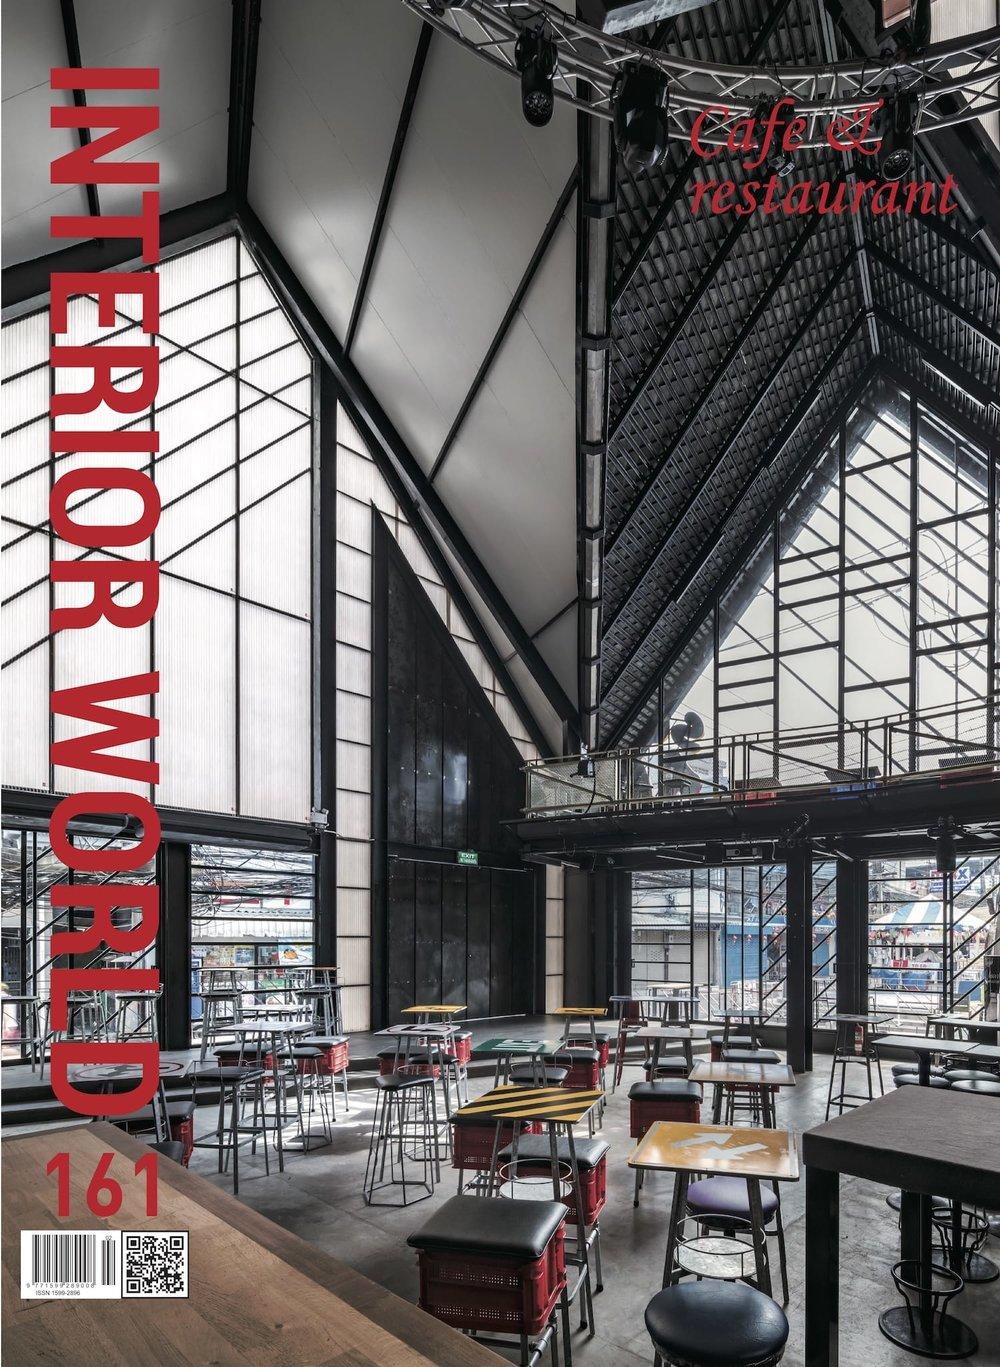 Interior world_Vol 161_Feb2018.jpg